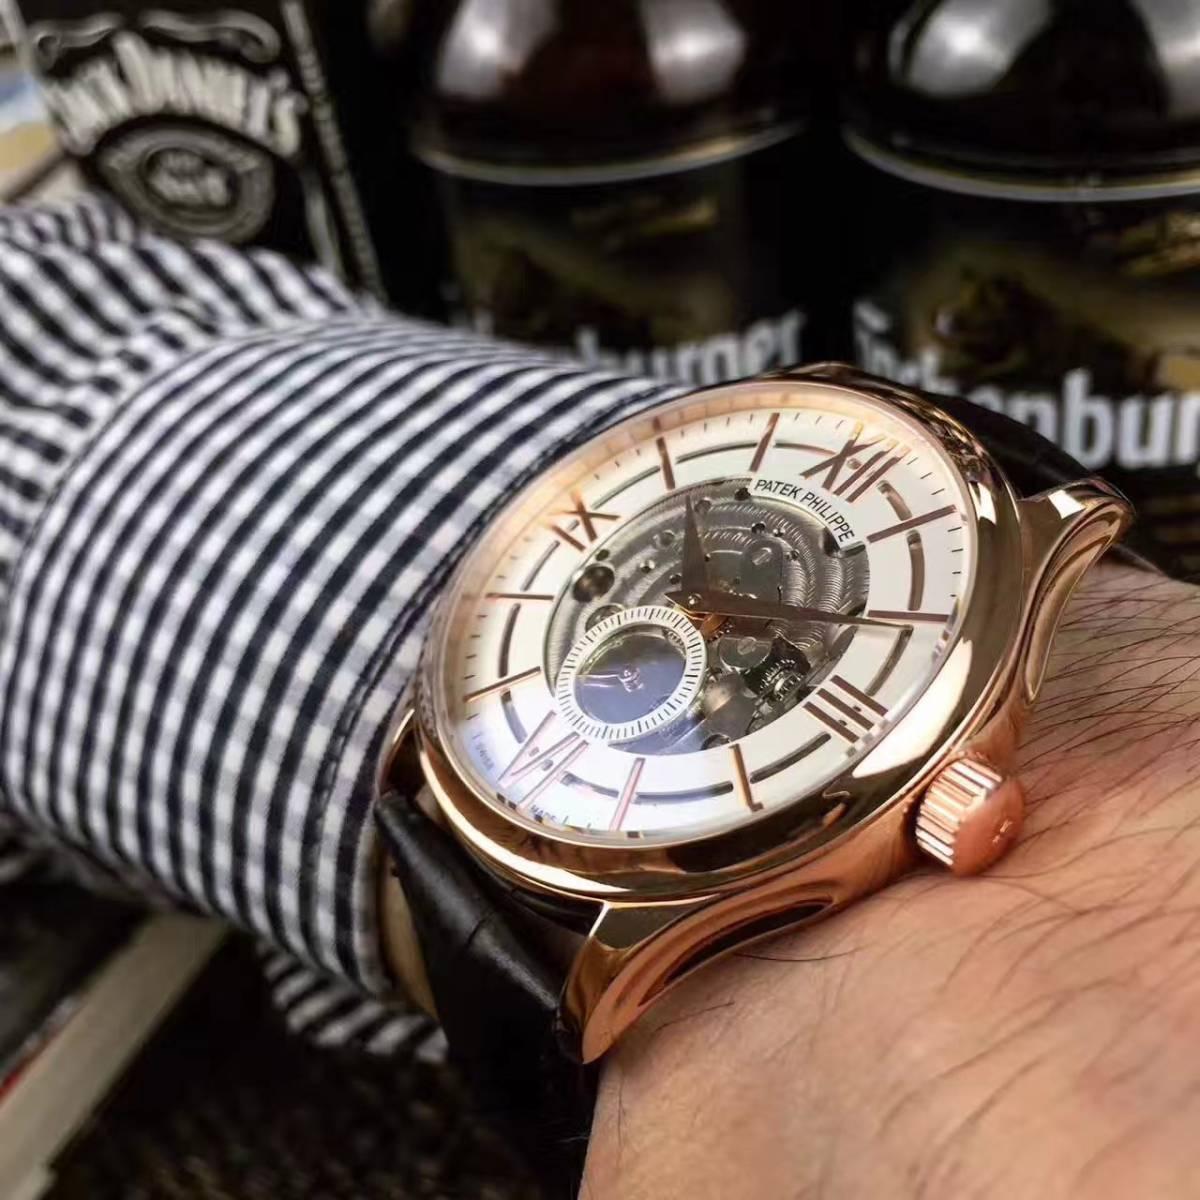 新品 パテックフィリップ 男性用腕時計 メンズ Patek Philippe 自動巻き ステンレス_画像2